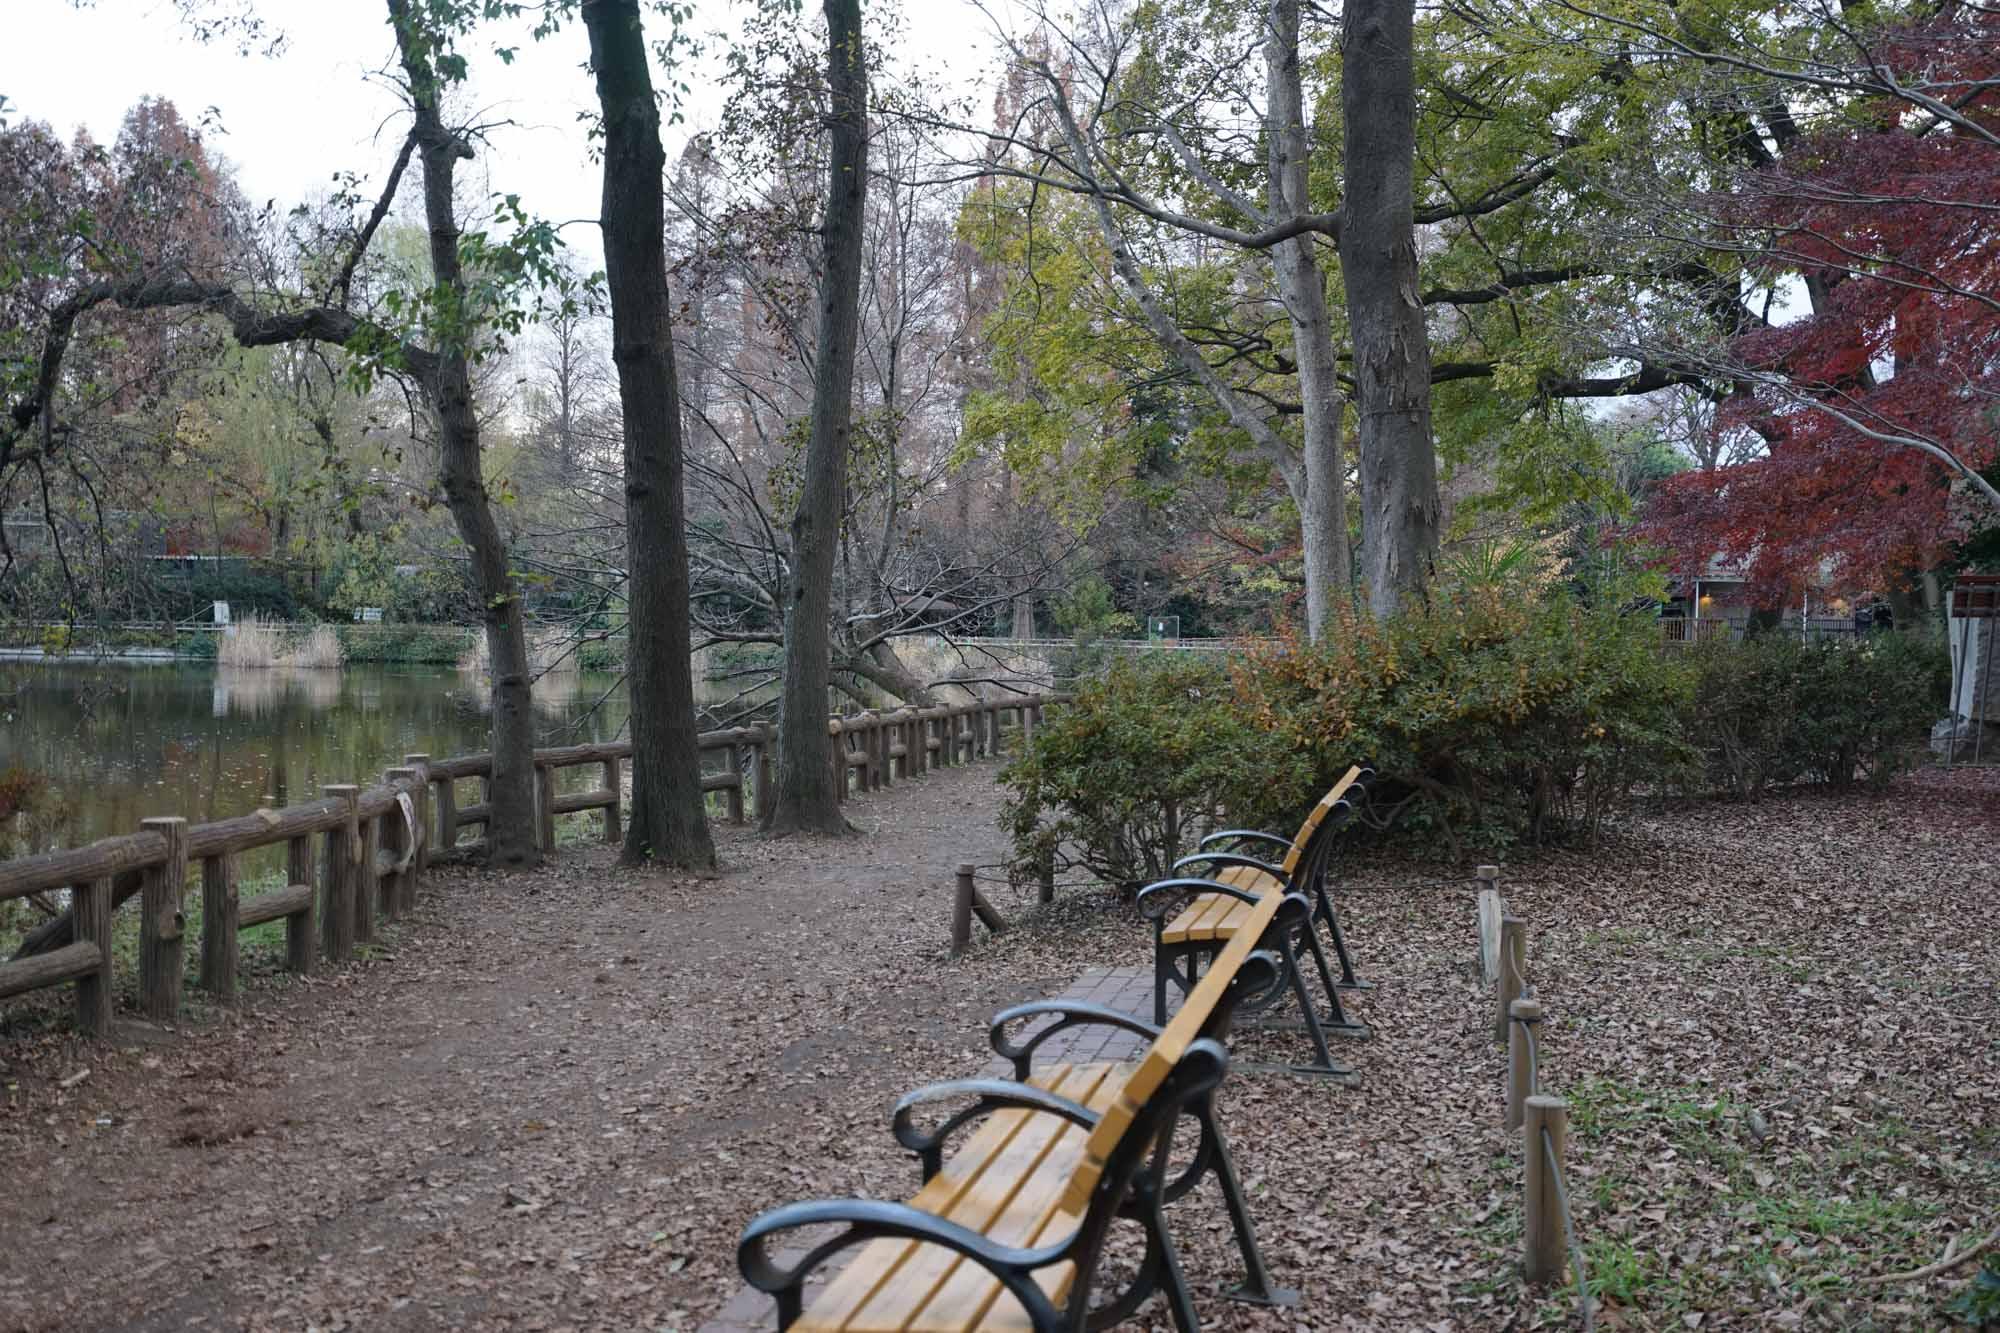 敷地は広大で、遊歩道やベンチも綺麗に整備されているので、リモートワークの息抜きにちょっと訪れるのにとても良いです。